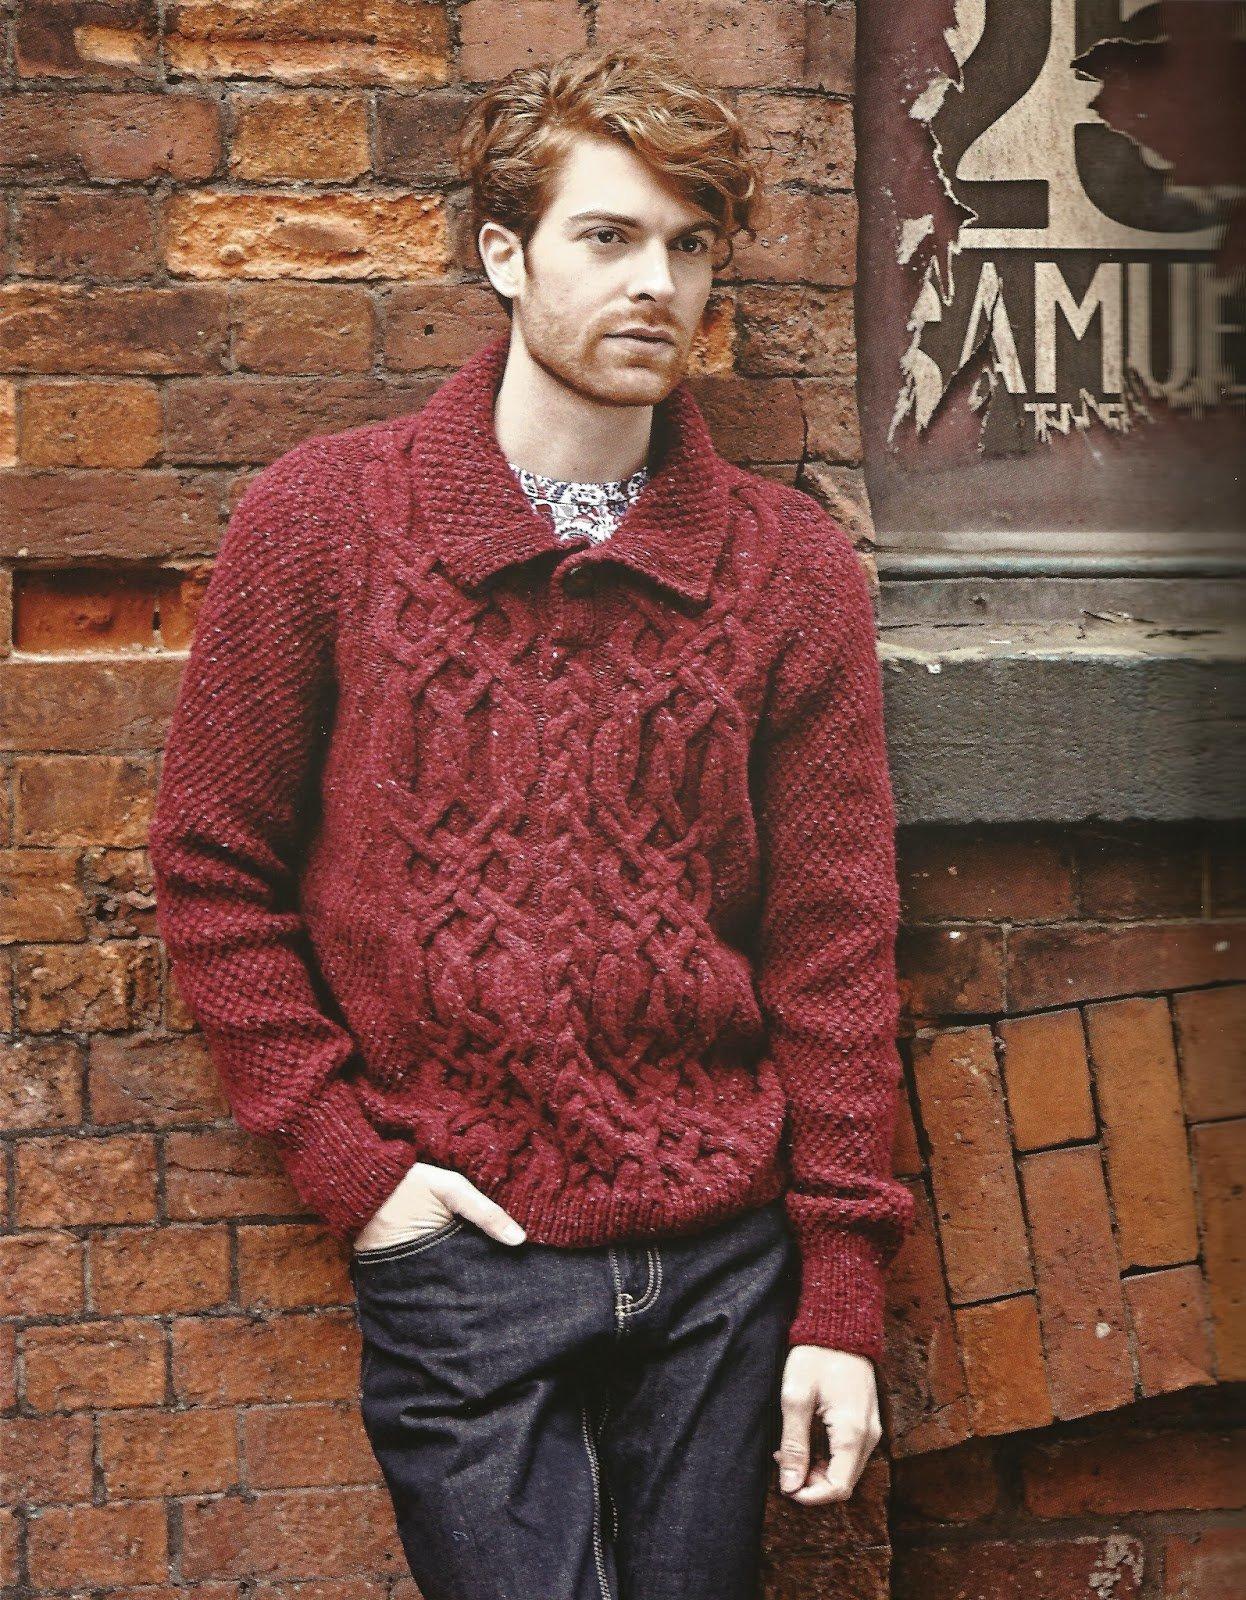 http://vjazhi.ru/images/stories/Rowan/Designer_knits/Textured_men.jpg